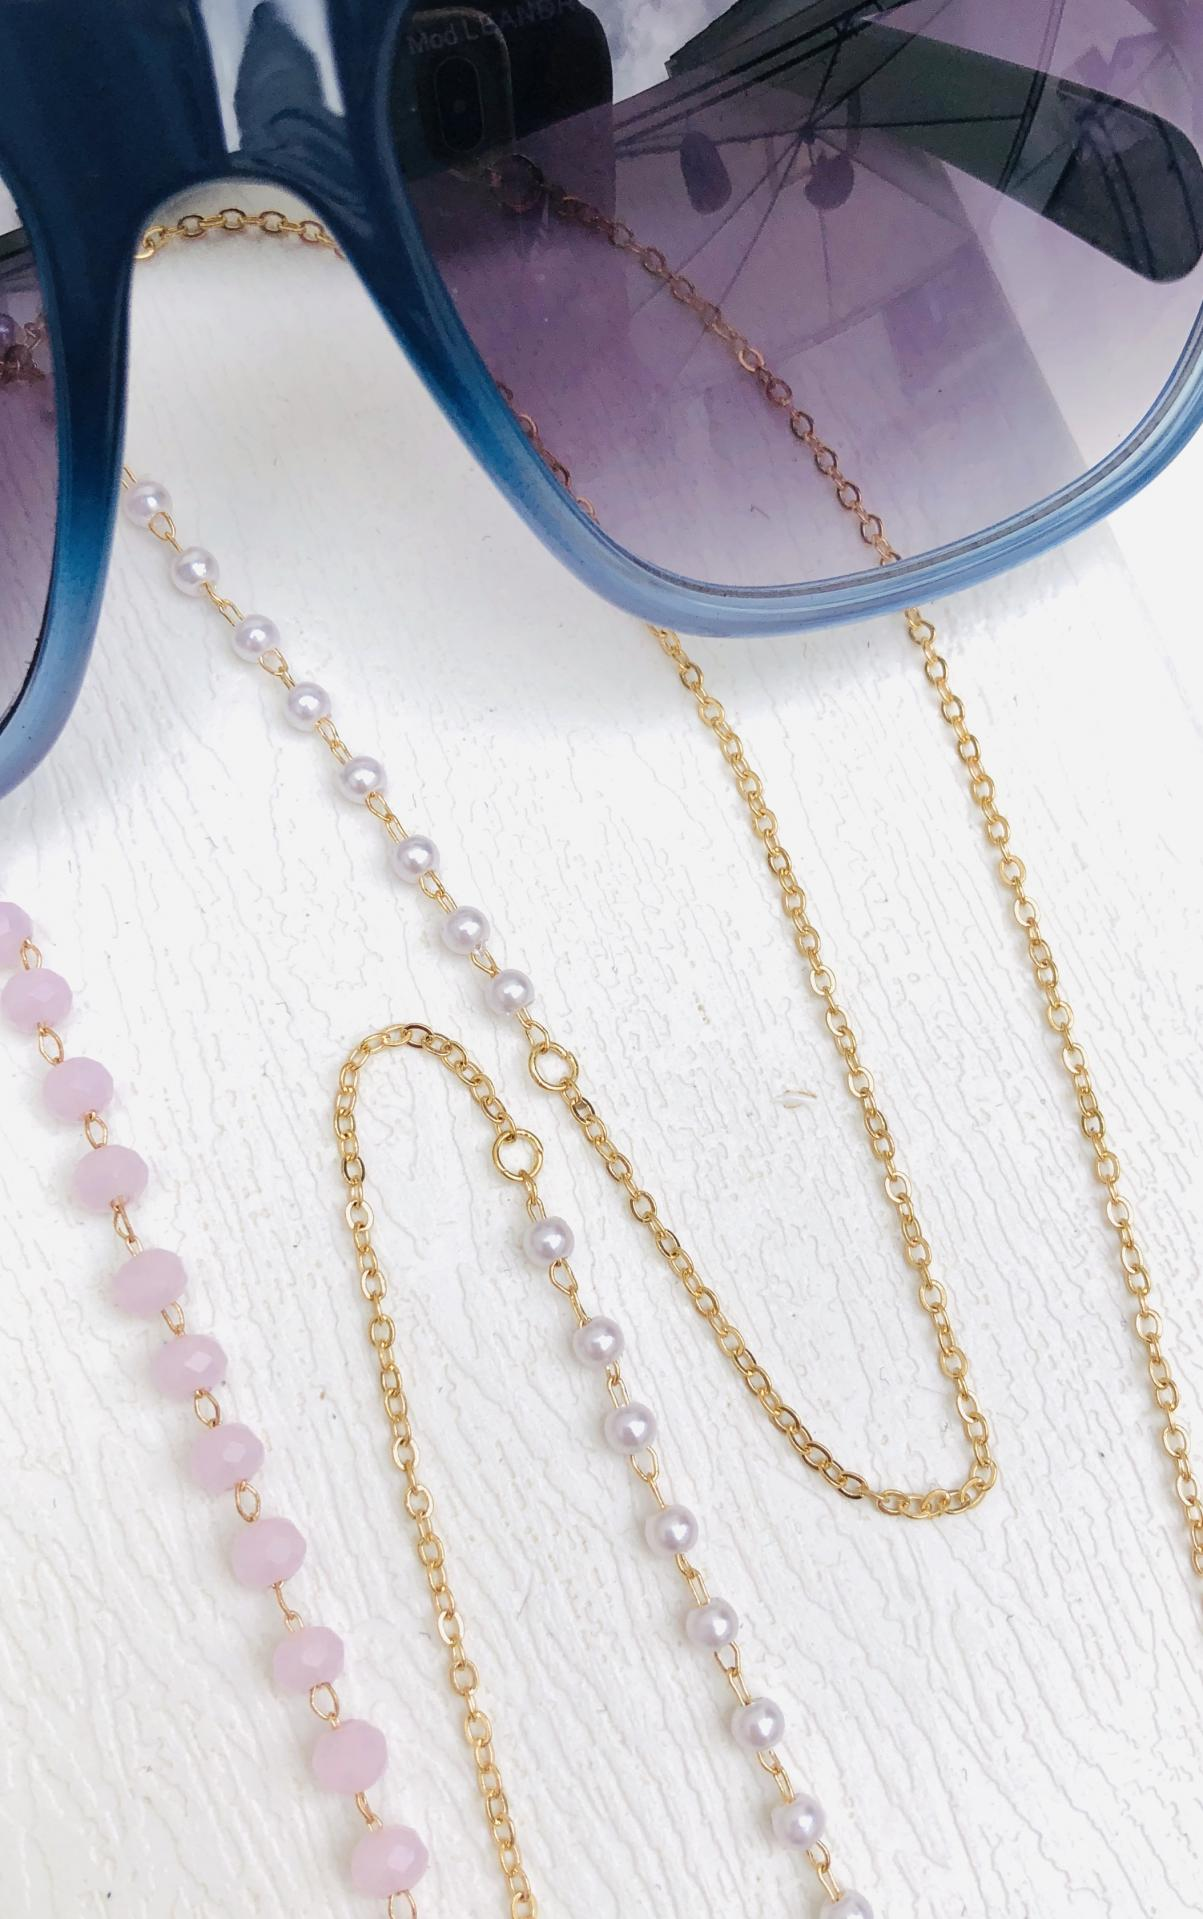 Cadena gafas de acero dorado, bolitas de strass color rosa y perlas blancas